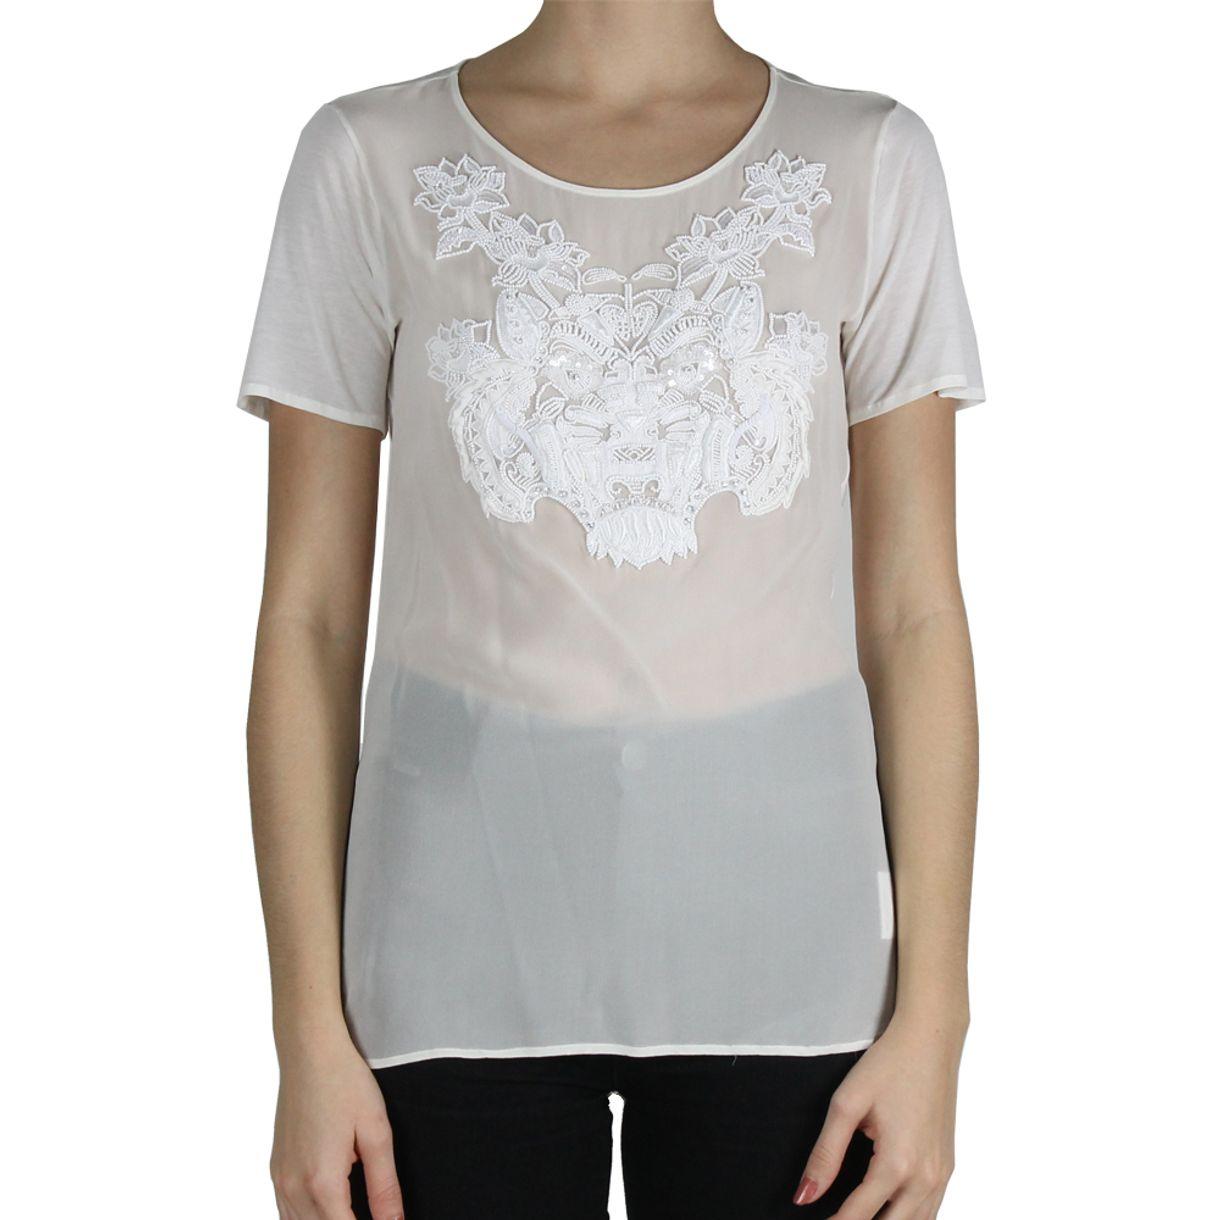 8413-camiseta-emilio-pucci-bordado-1